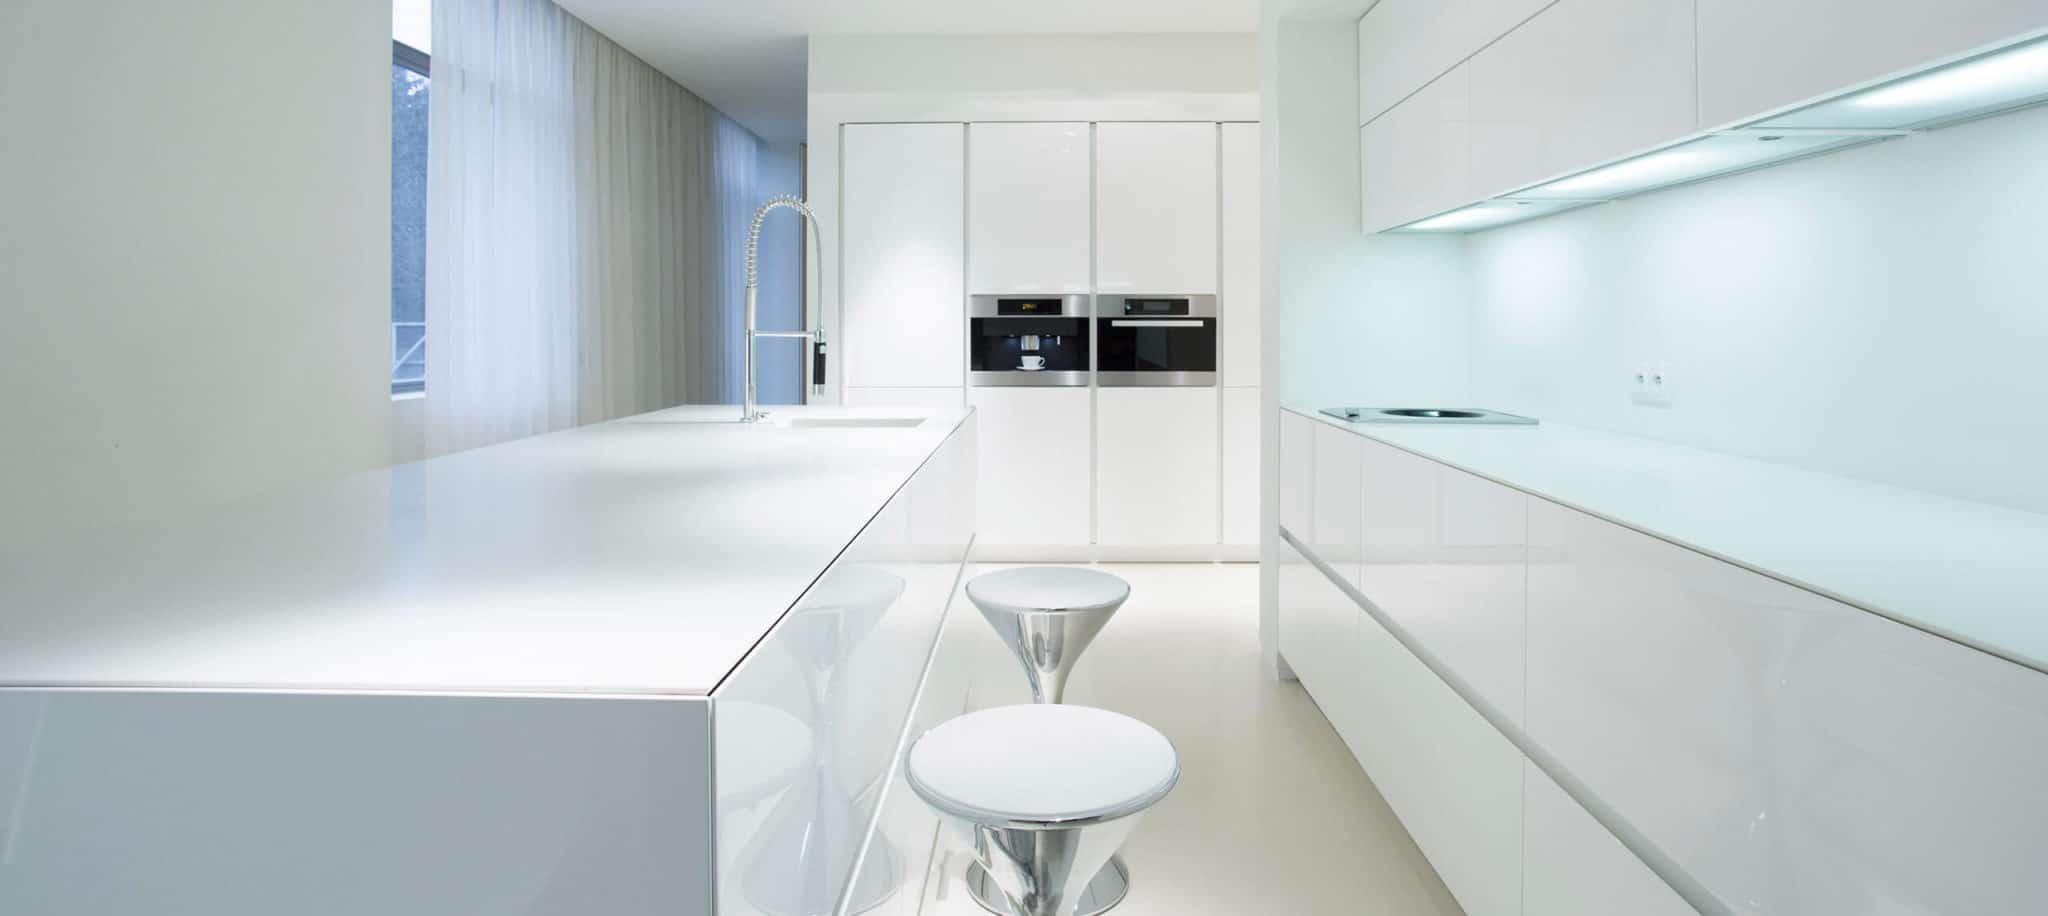 Tienda de cocinas en madrid grupo coeco for Muebles de cocina espana